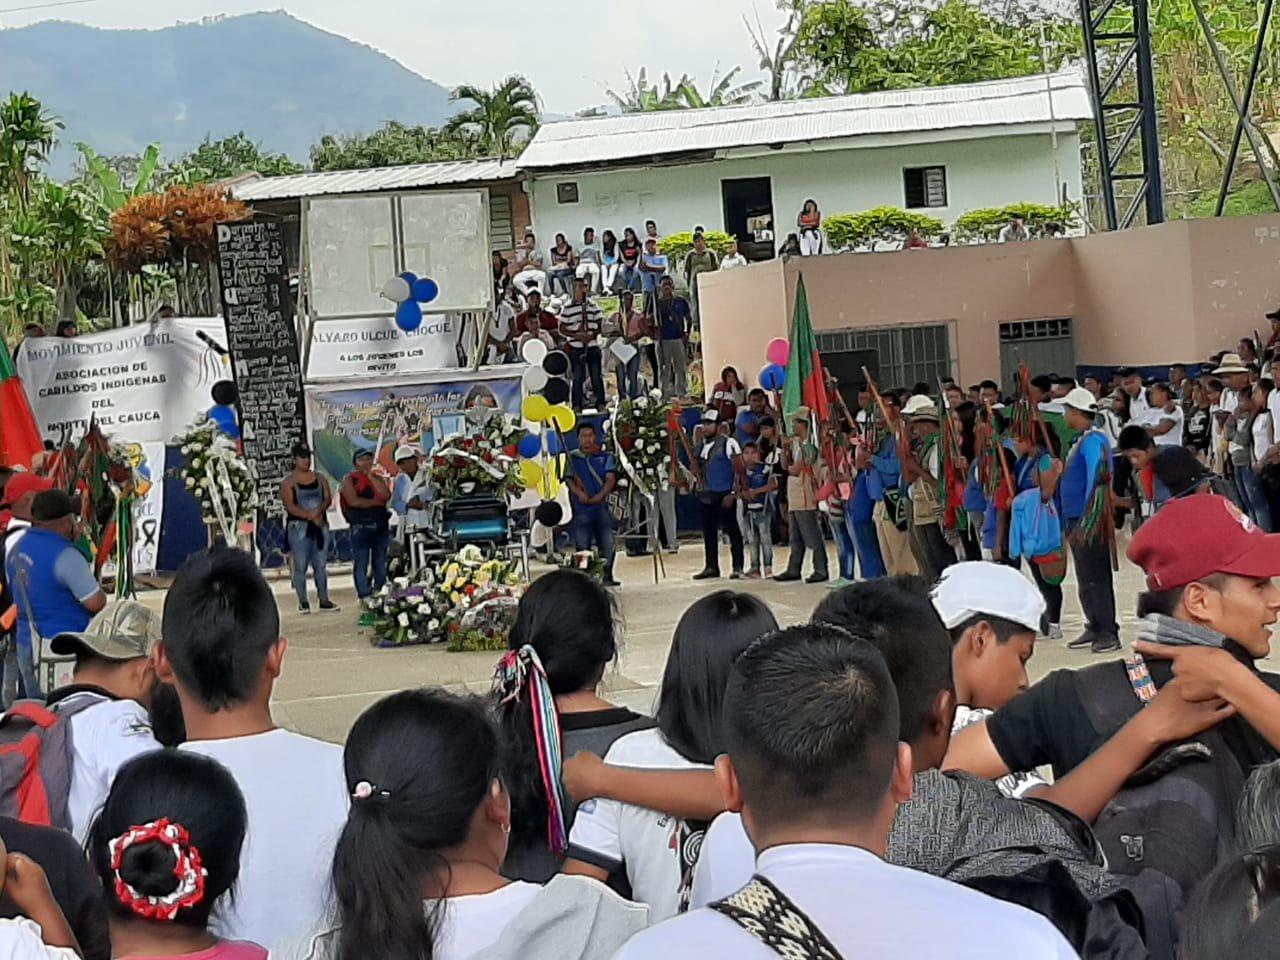 El derecho a la vida de los indígenas peligra en Colombia